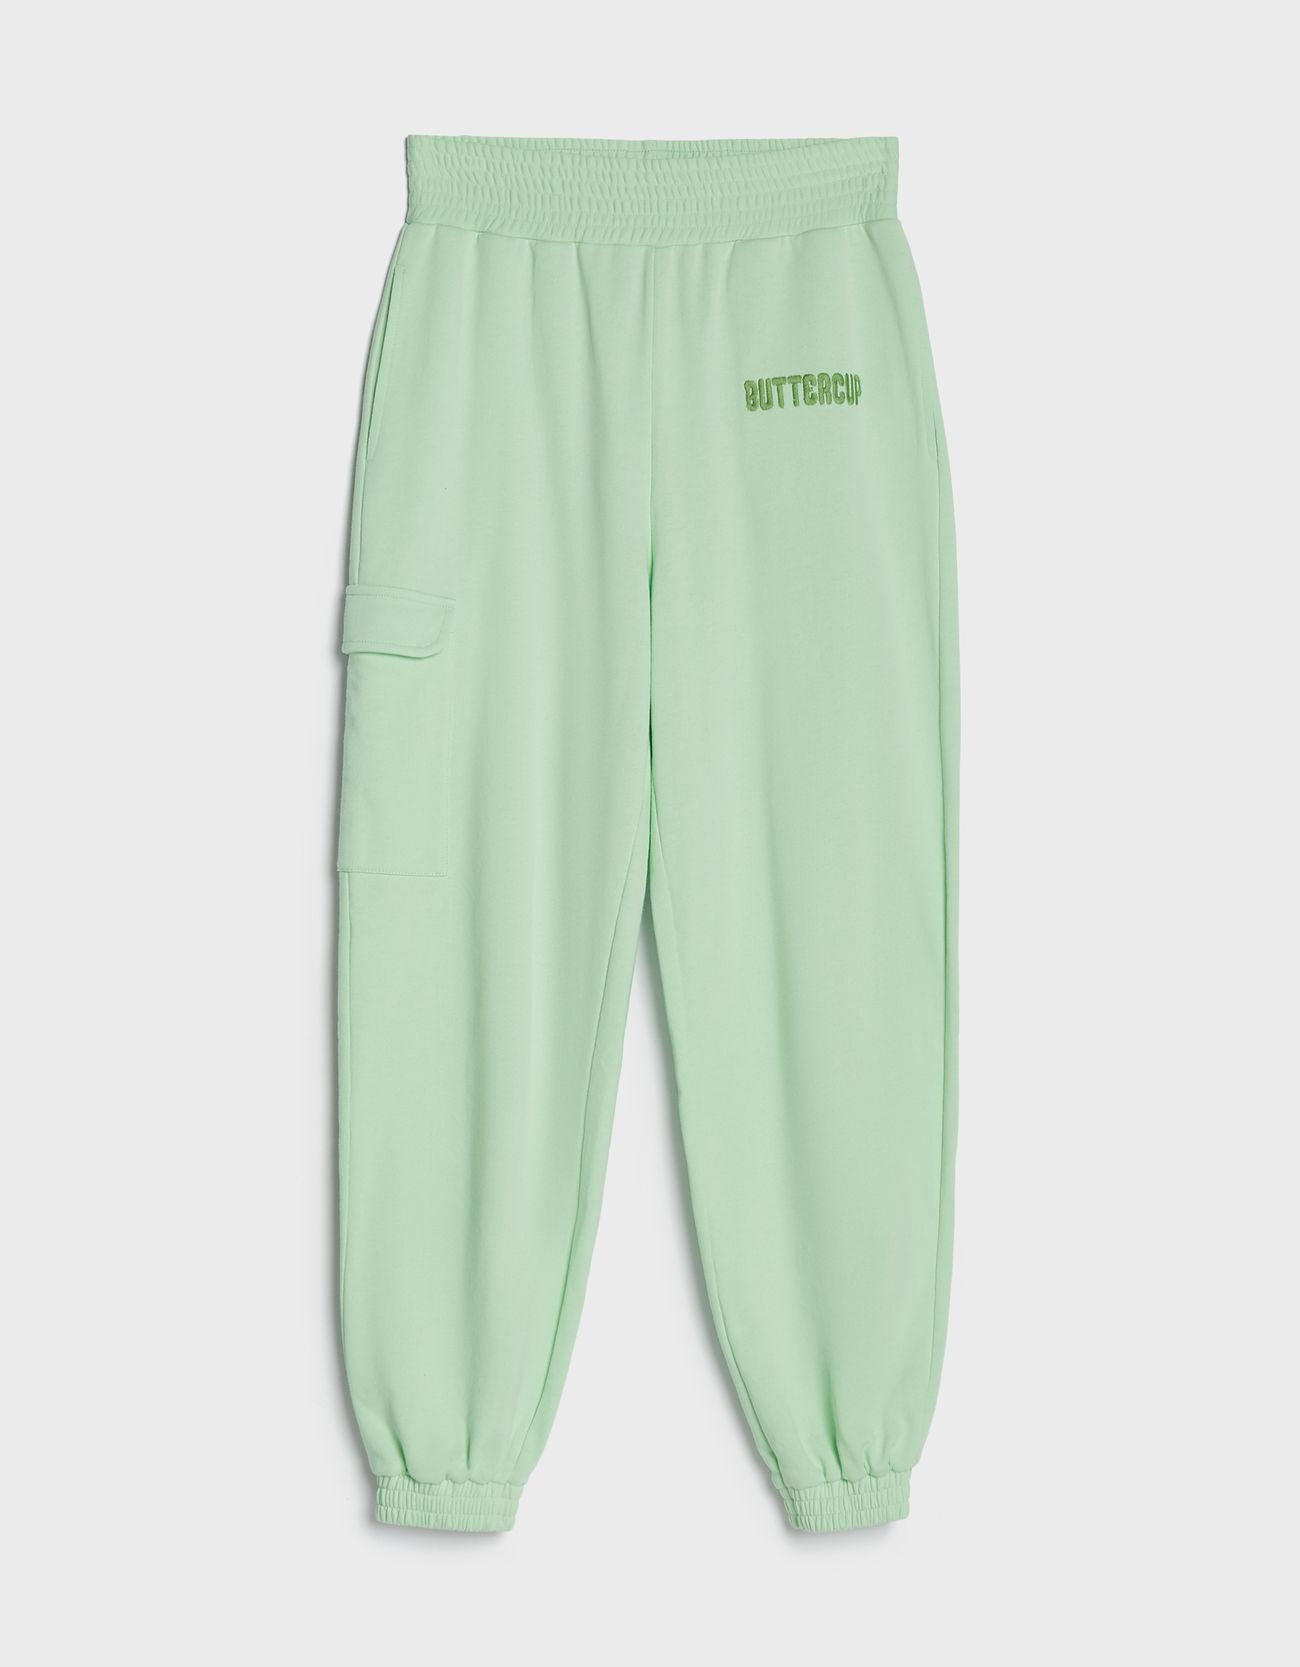 Pantalón tipo jogger en verde.